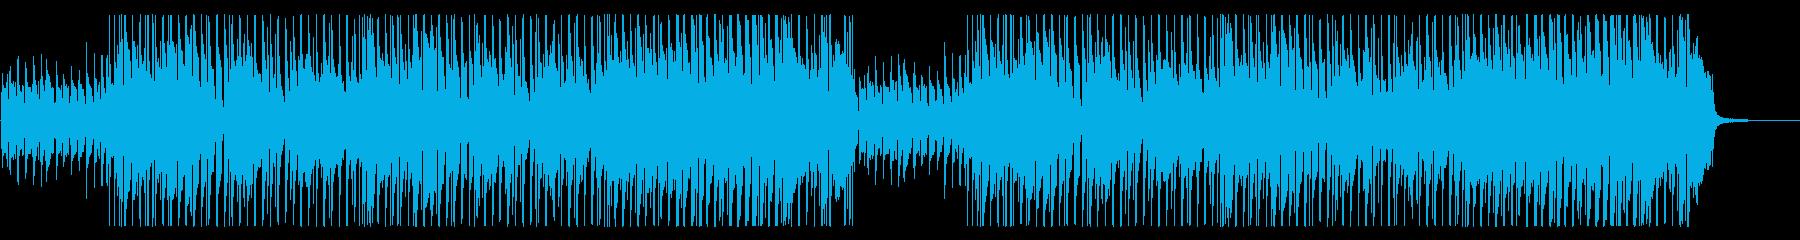 キッズ用04 朗読時の動画の再生済みの波形